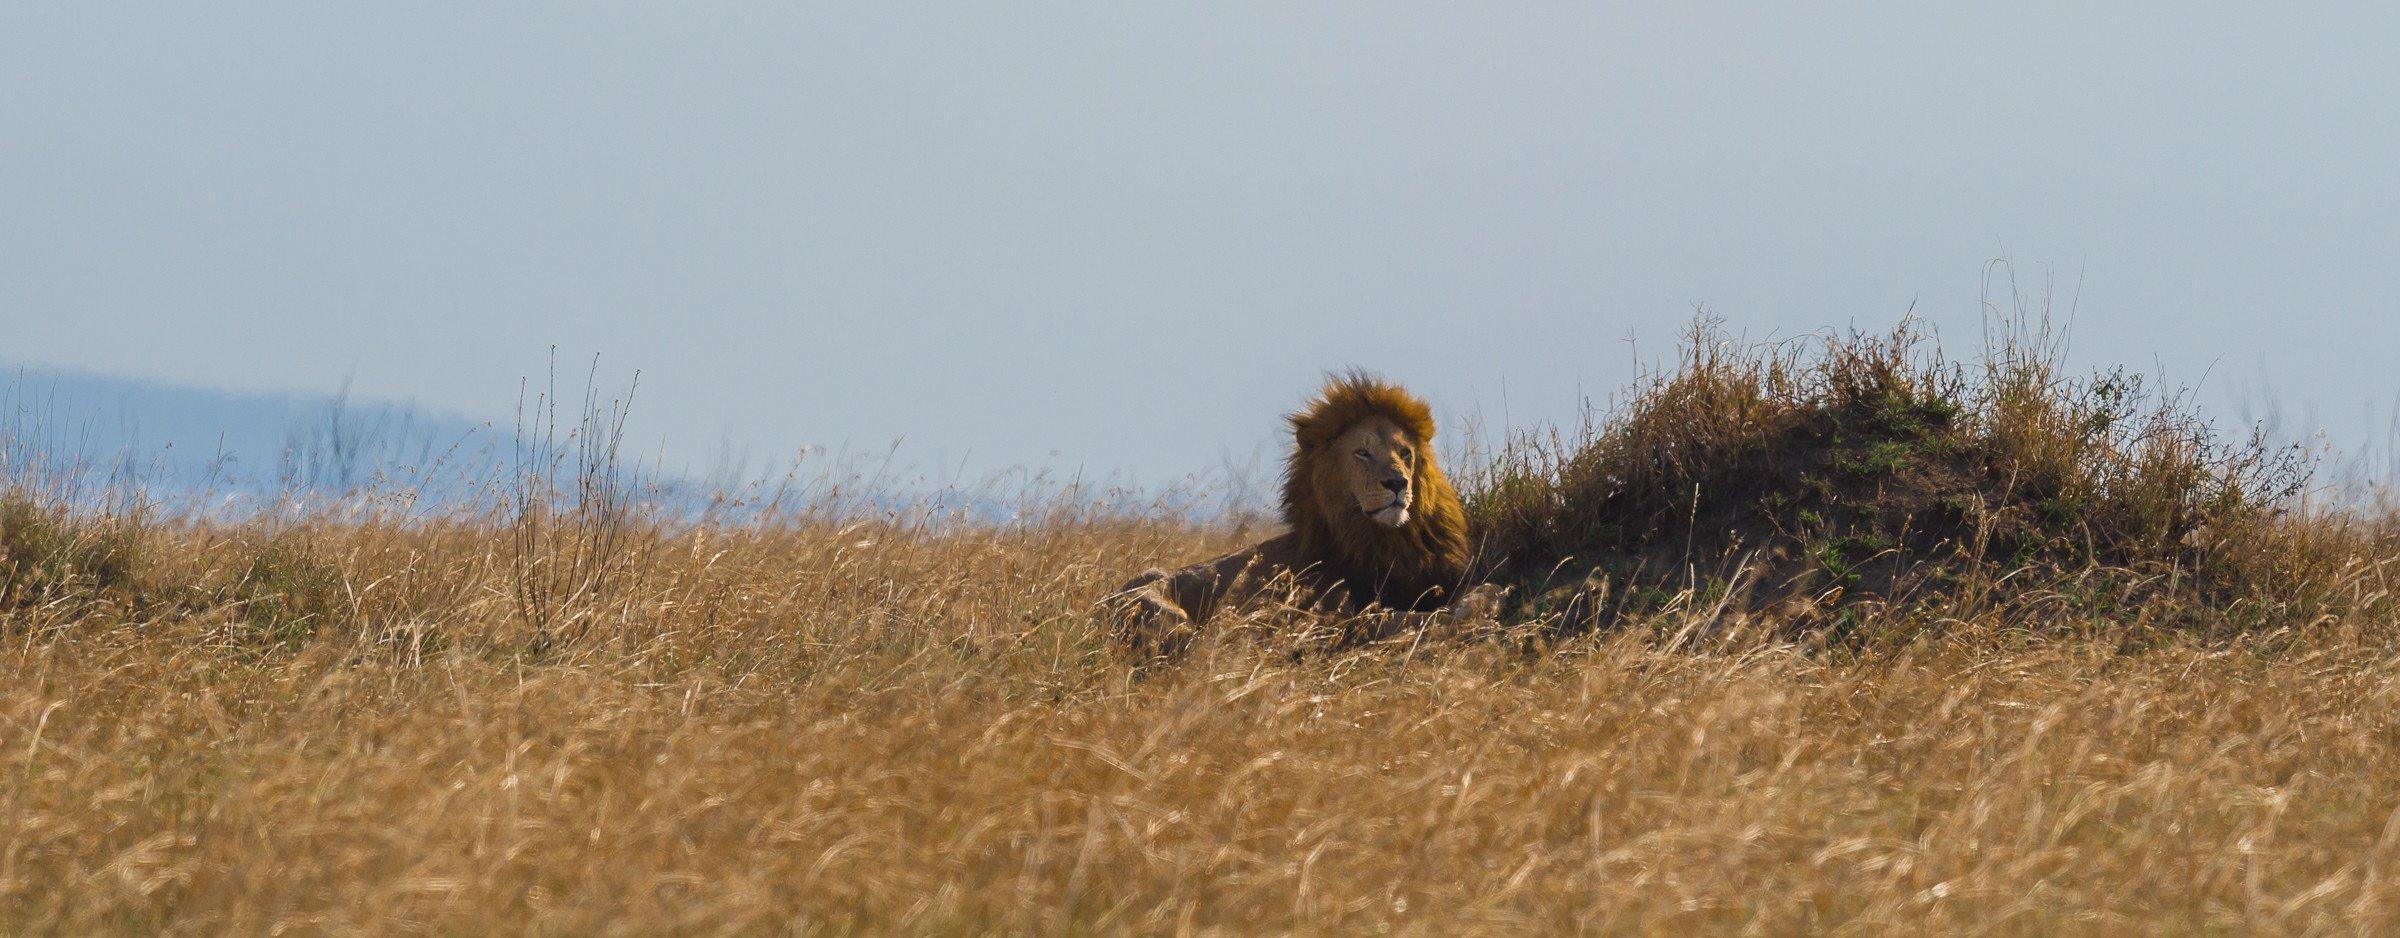 wildlife tanzania 9667